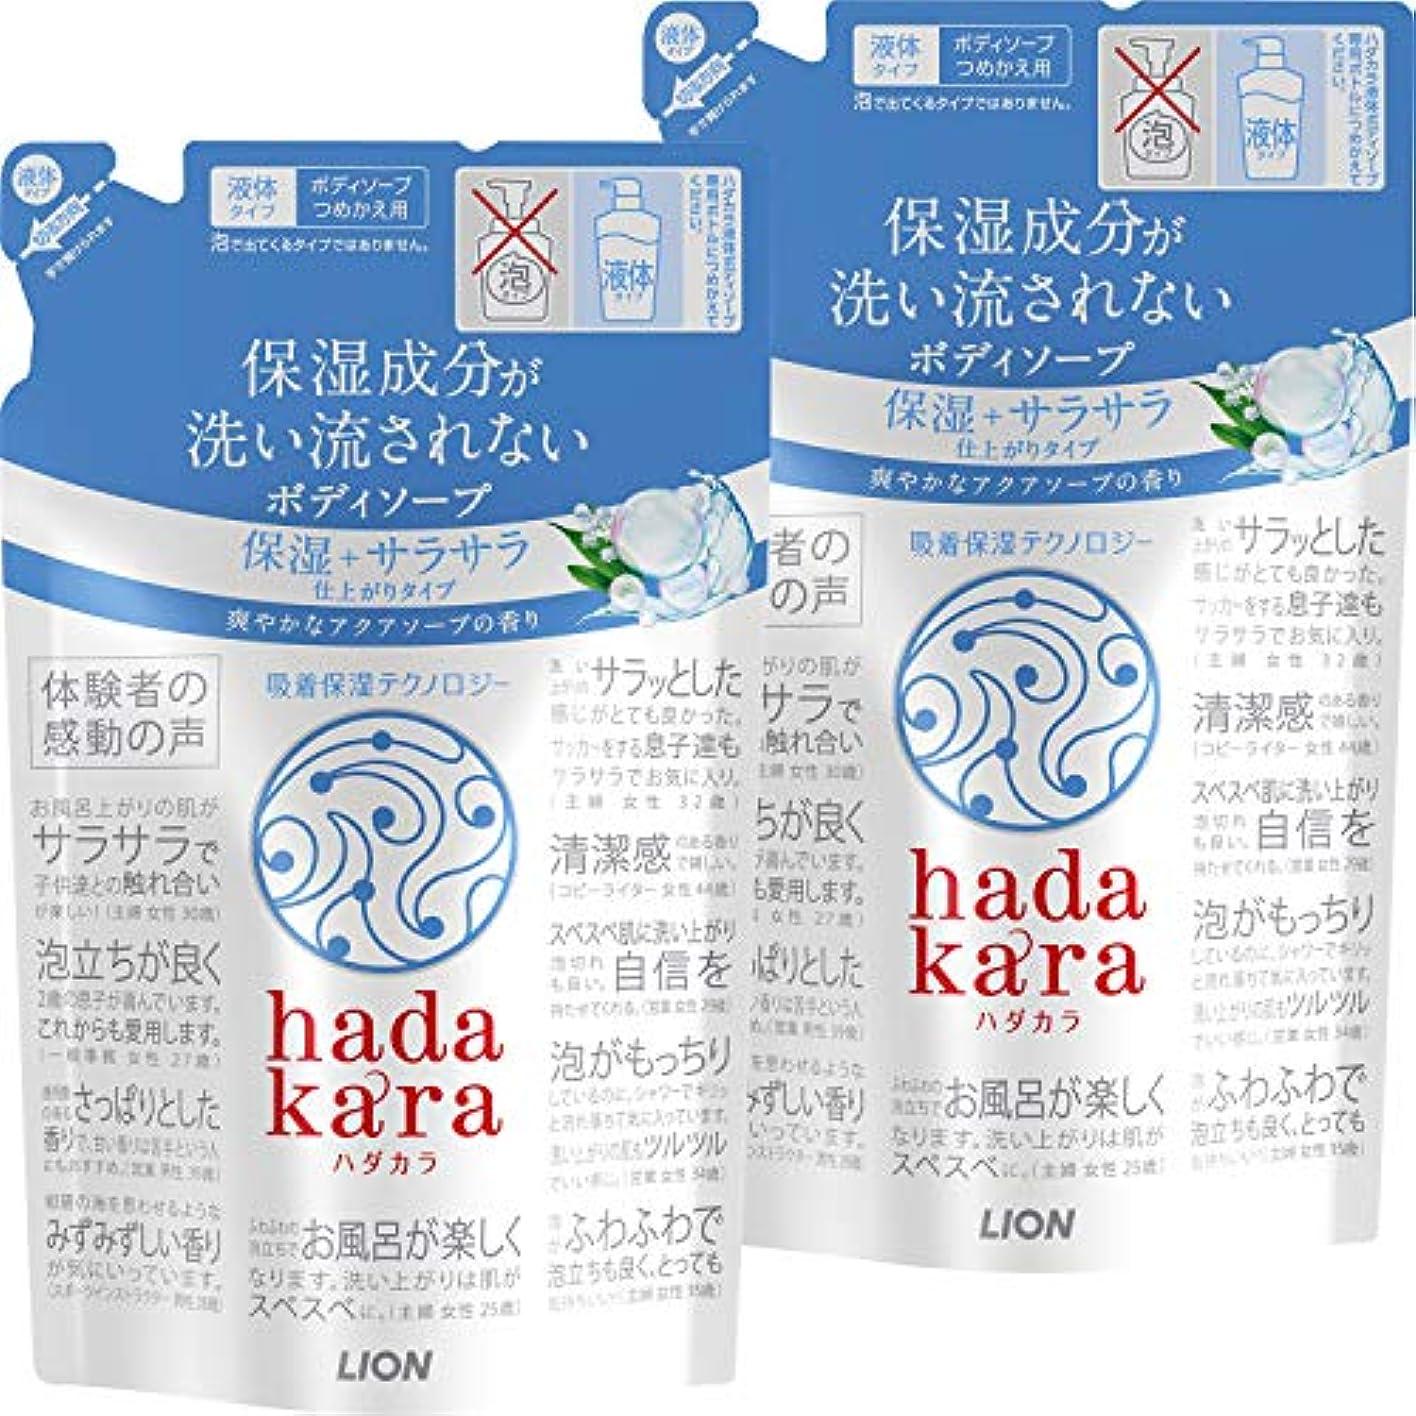 はぁ承認するそこhadakara(ハダカラ)ボディソープ 保湿+サラサラ仕上がりタイプ アクアソープの香り つめかえ用 340ml×2個パック